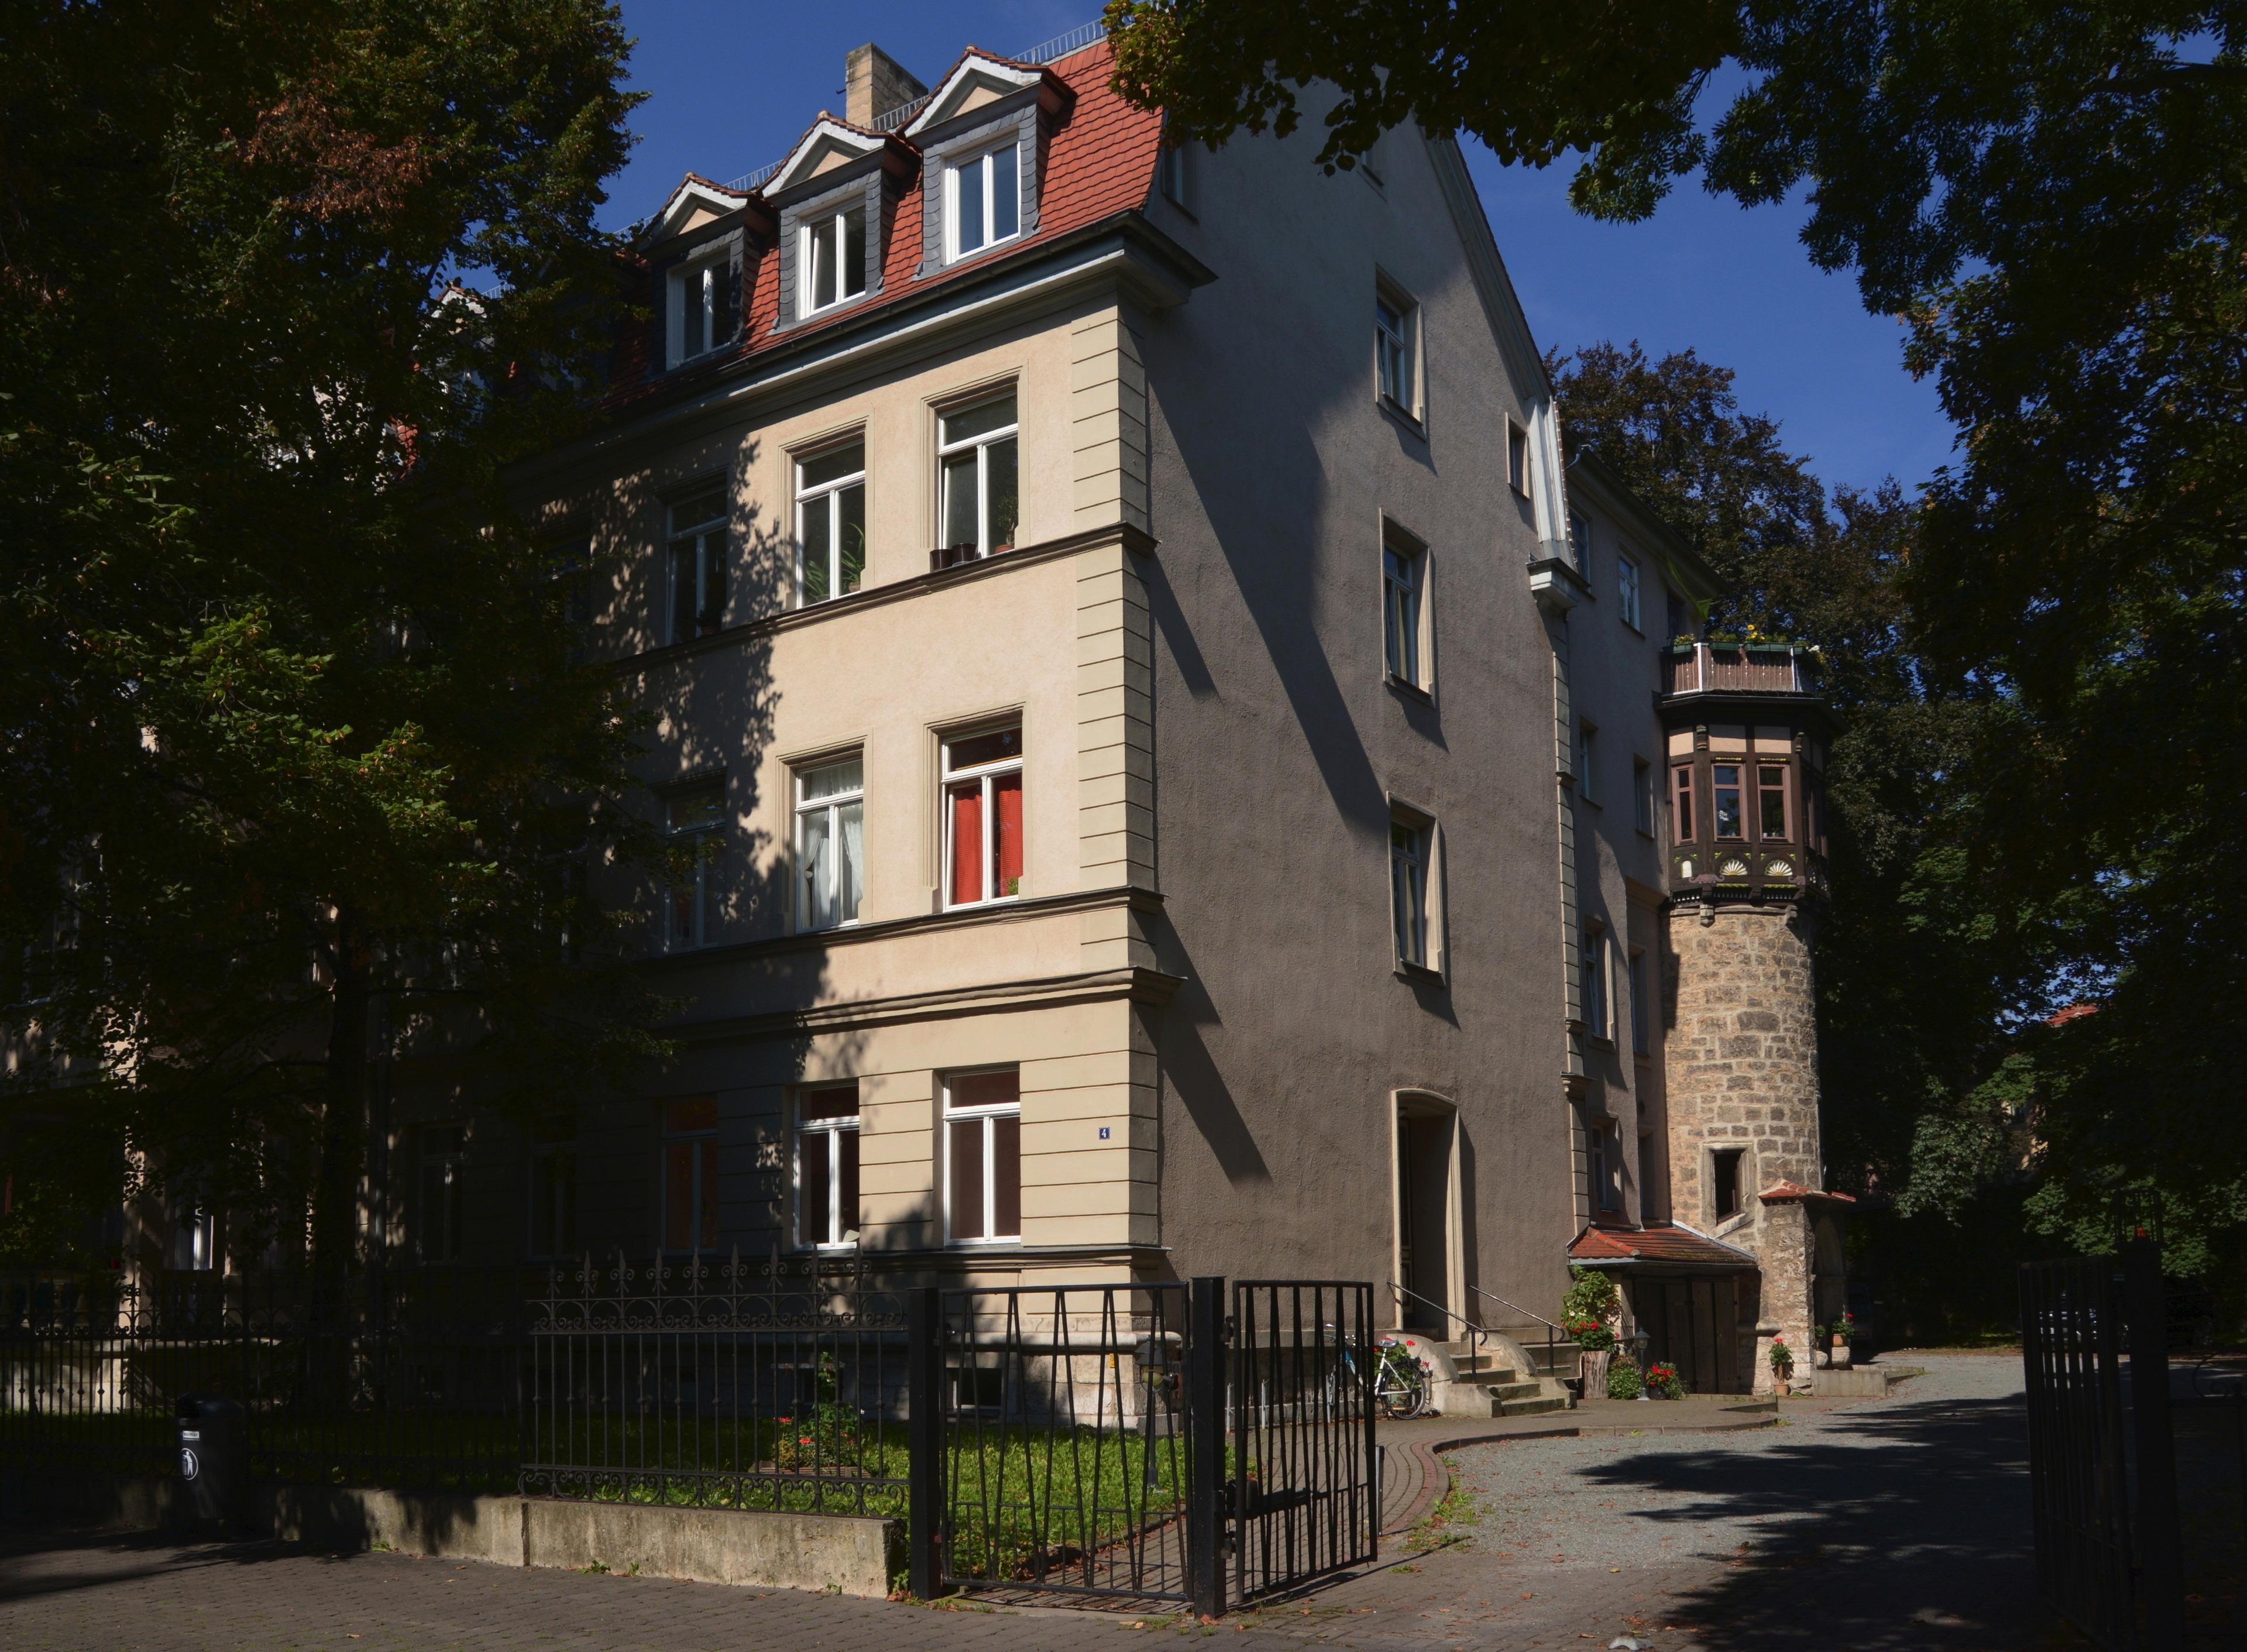 3 Raum Ferienwohnung App2 Fallersleben in Weimar - Ferienwohnung in Thüringen